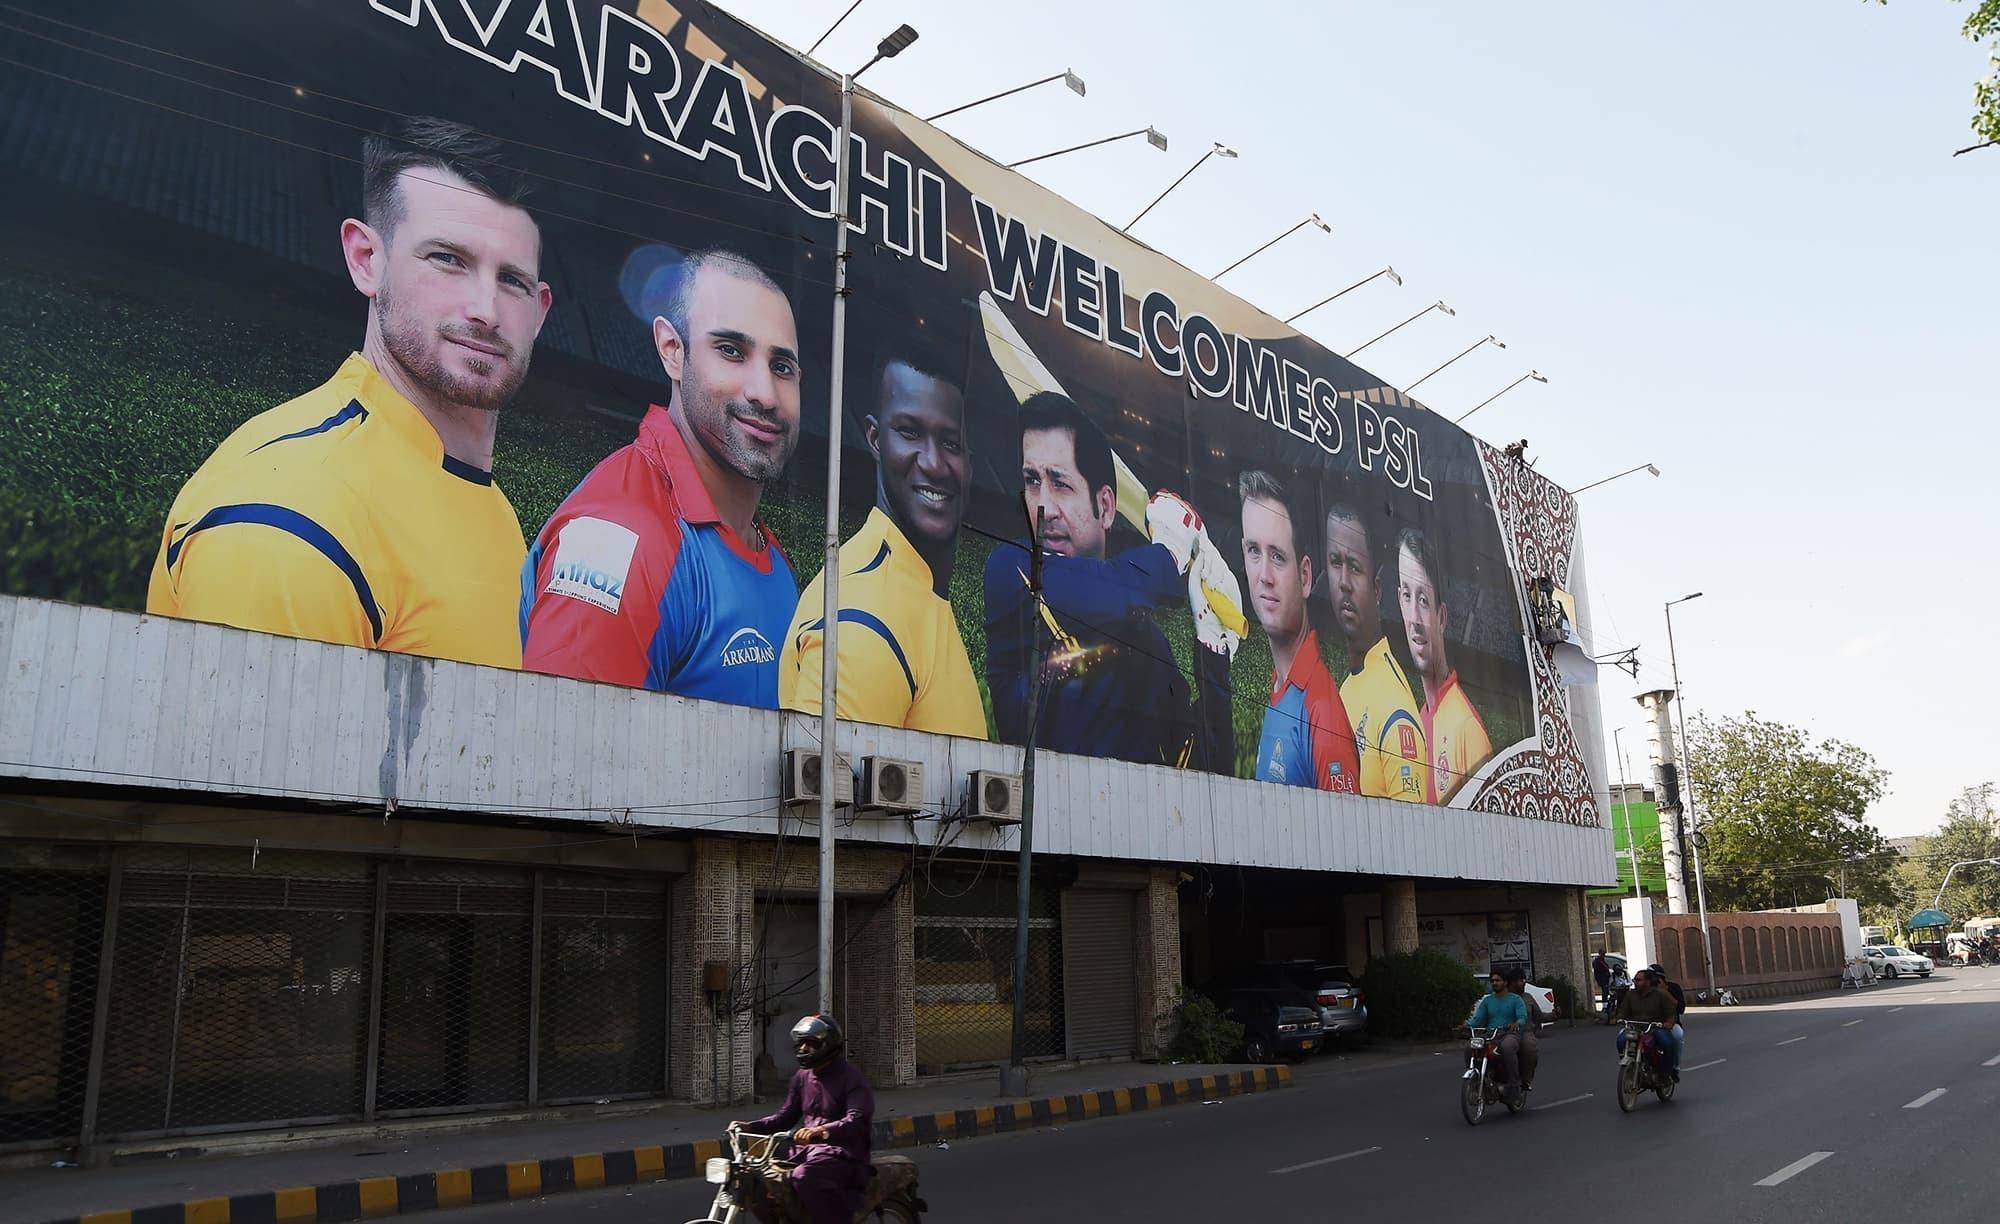 سندھ ہائی کورٹ نے پولیس سربراہ سے نیشنل اسٹیڈیم کے قریب سڑکیں بلاک کرکے عدالت کے حکم کی خلاف ورزی کرنے پر جوابات بھی طلب کیا۔ - فائل فوٹو:اے ایف پی